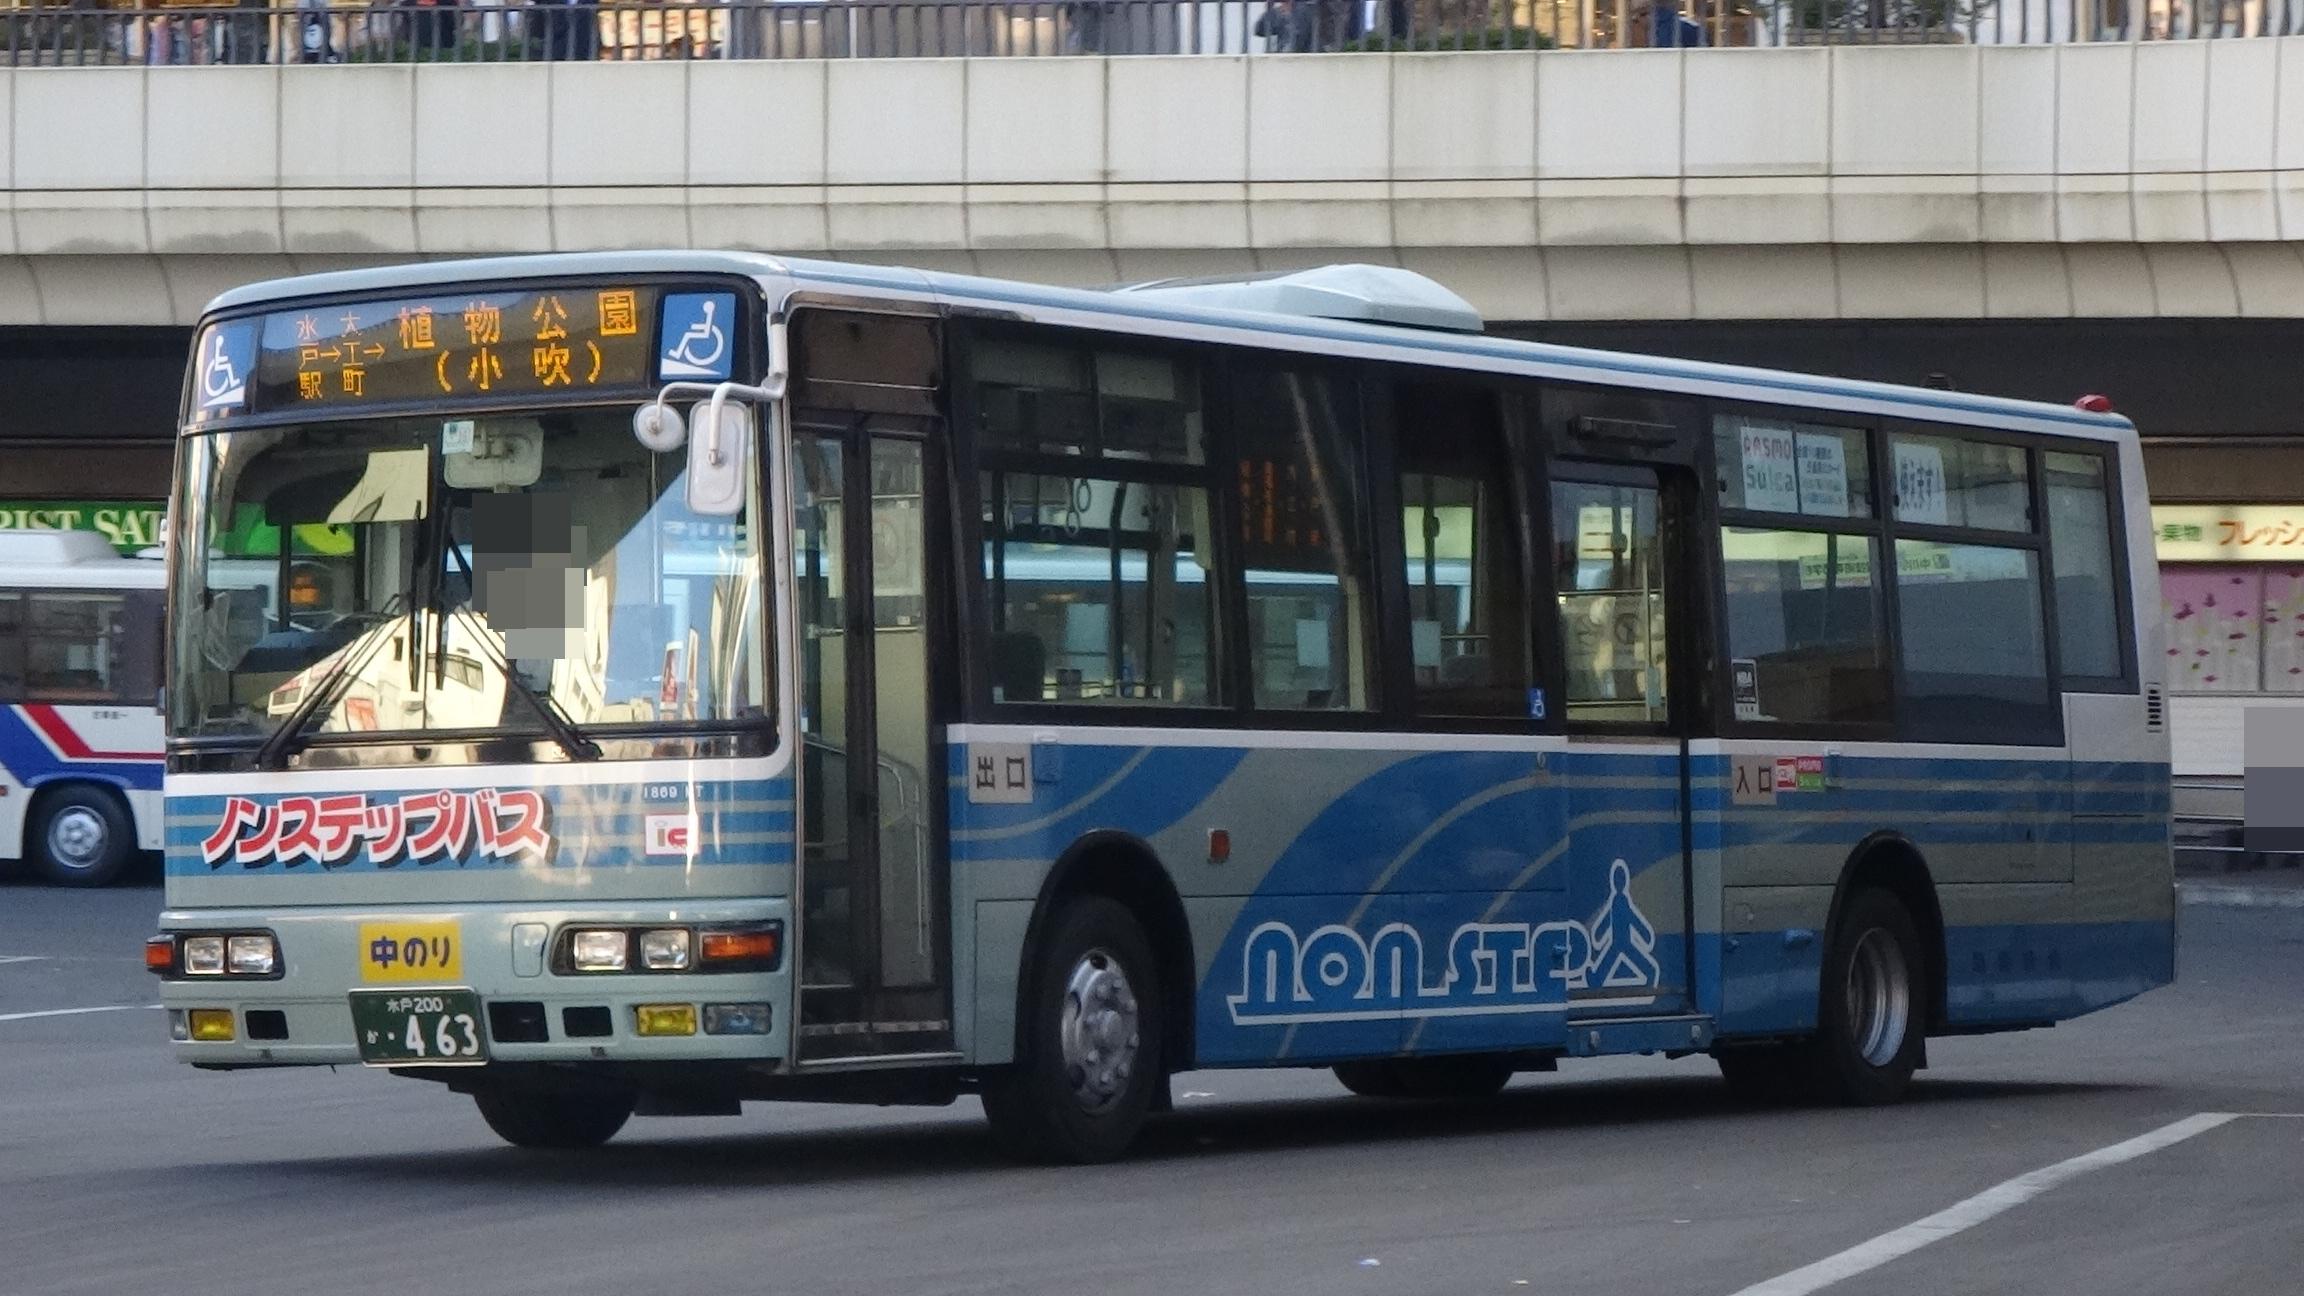 乗り物と旅行のBLOG 関東鉄道 1869MT 三菱自動車工業 エアロミディMK(MBM)